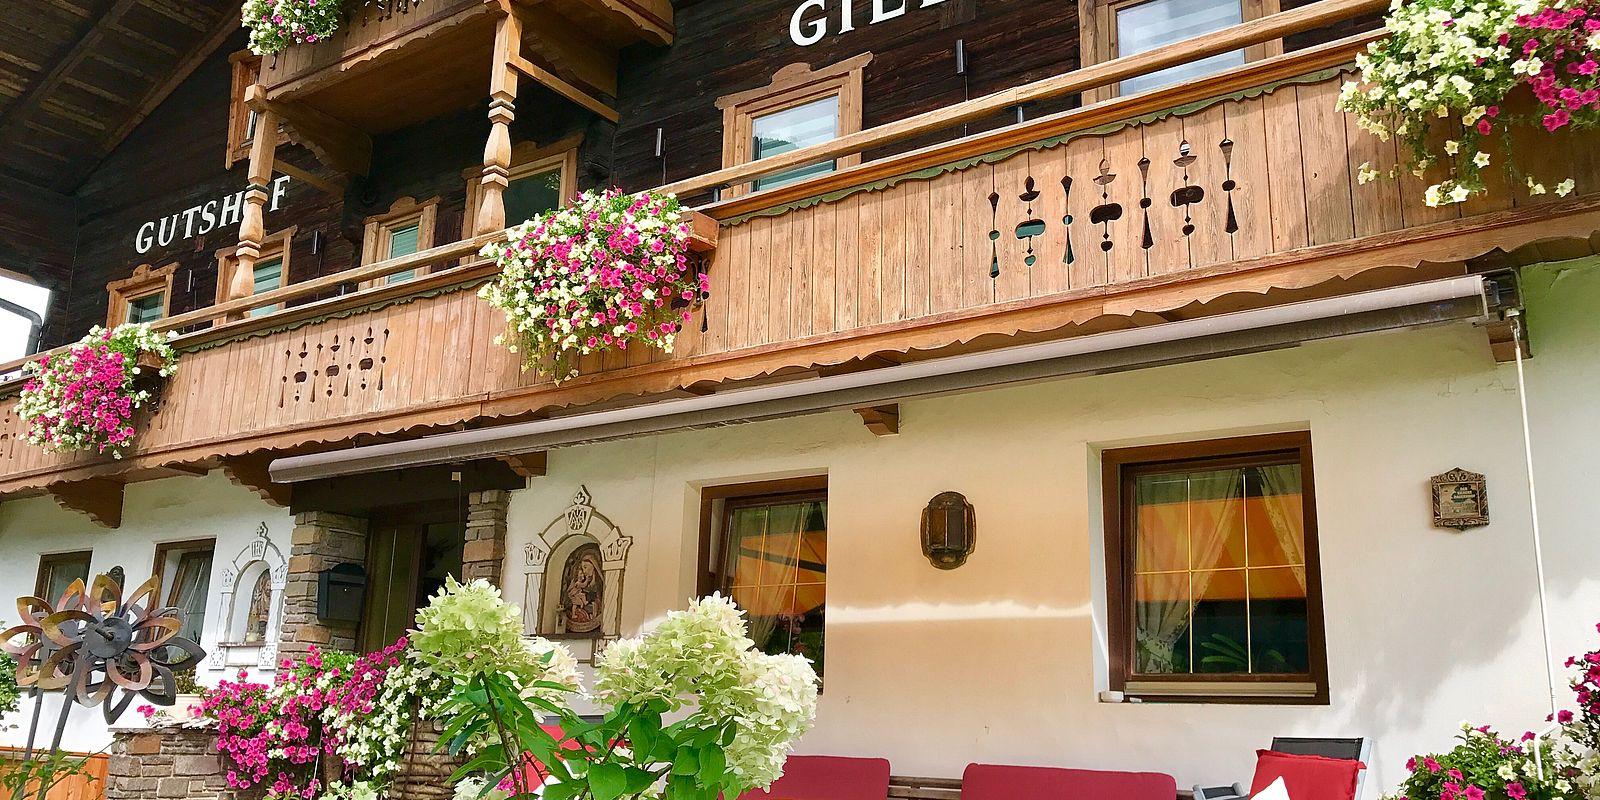 Terrasse des Gielerhofs im Sommer